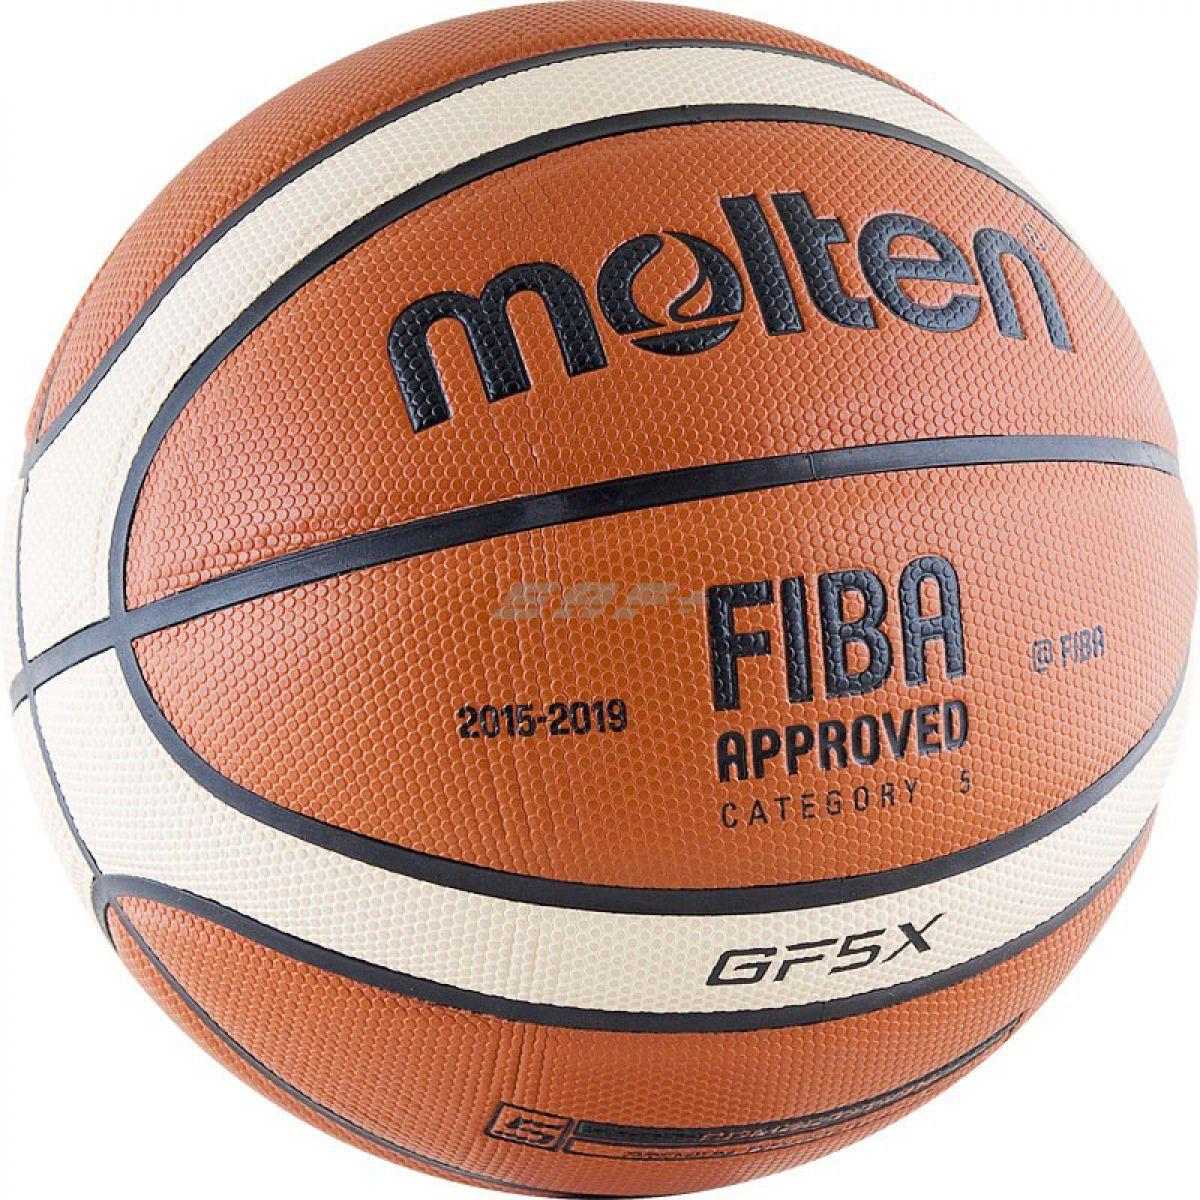 Мяч баскетбольный Molten BGF5X